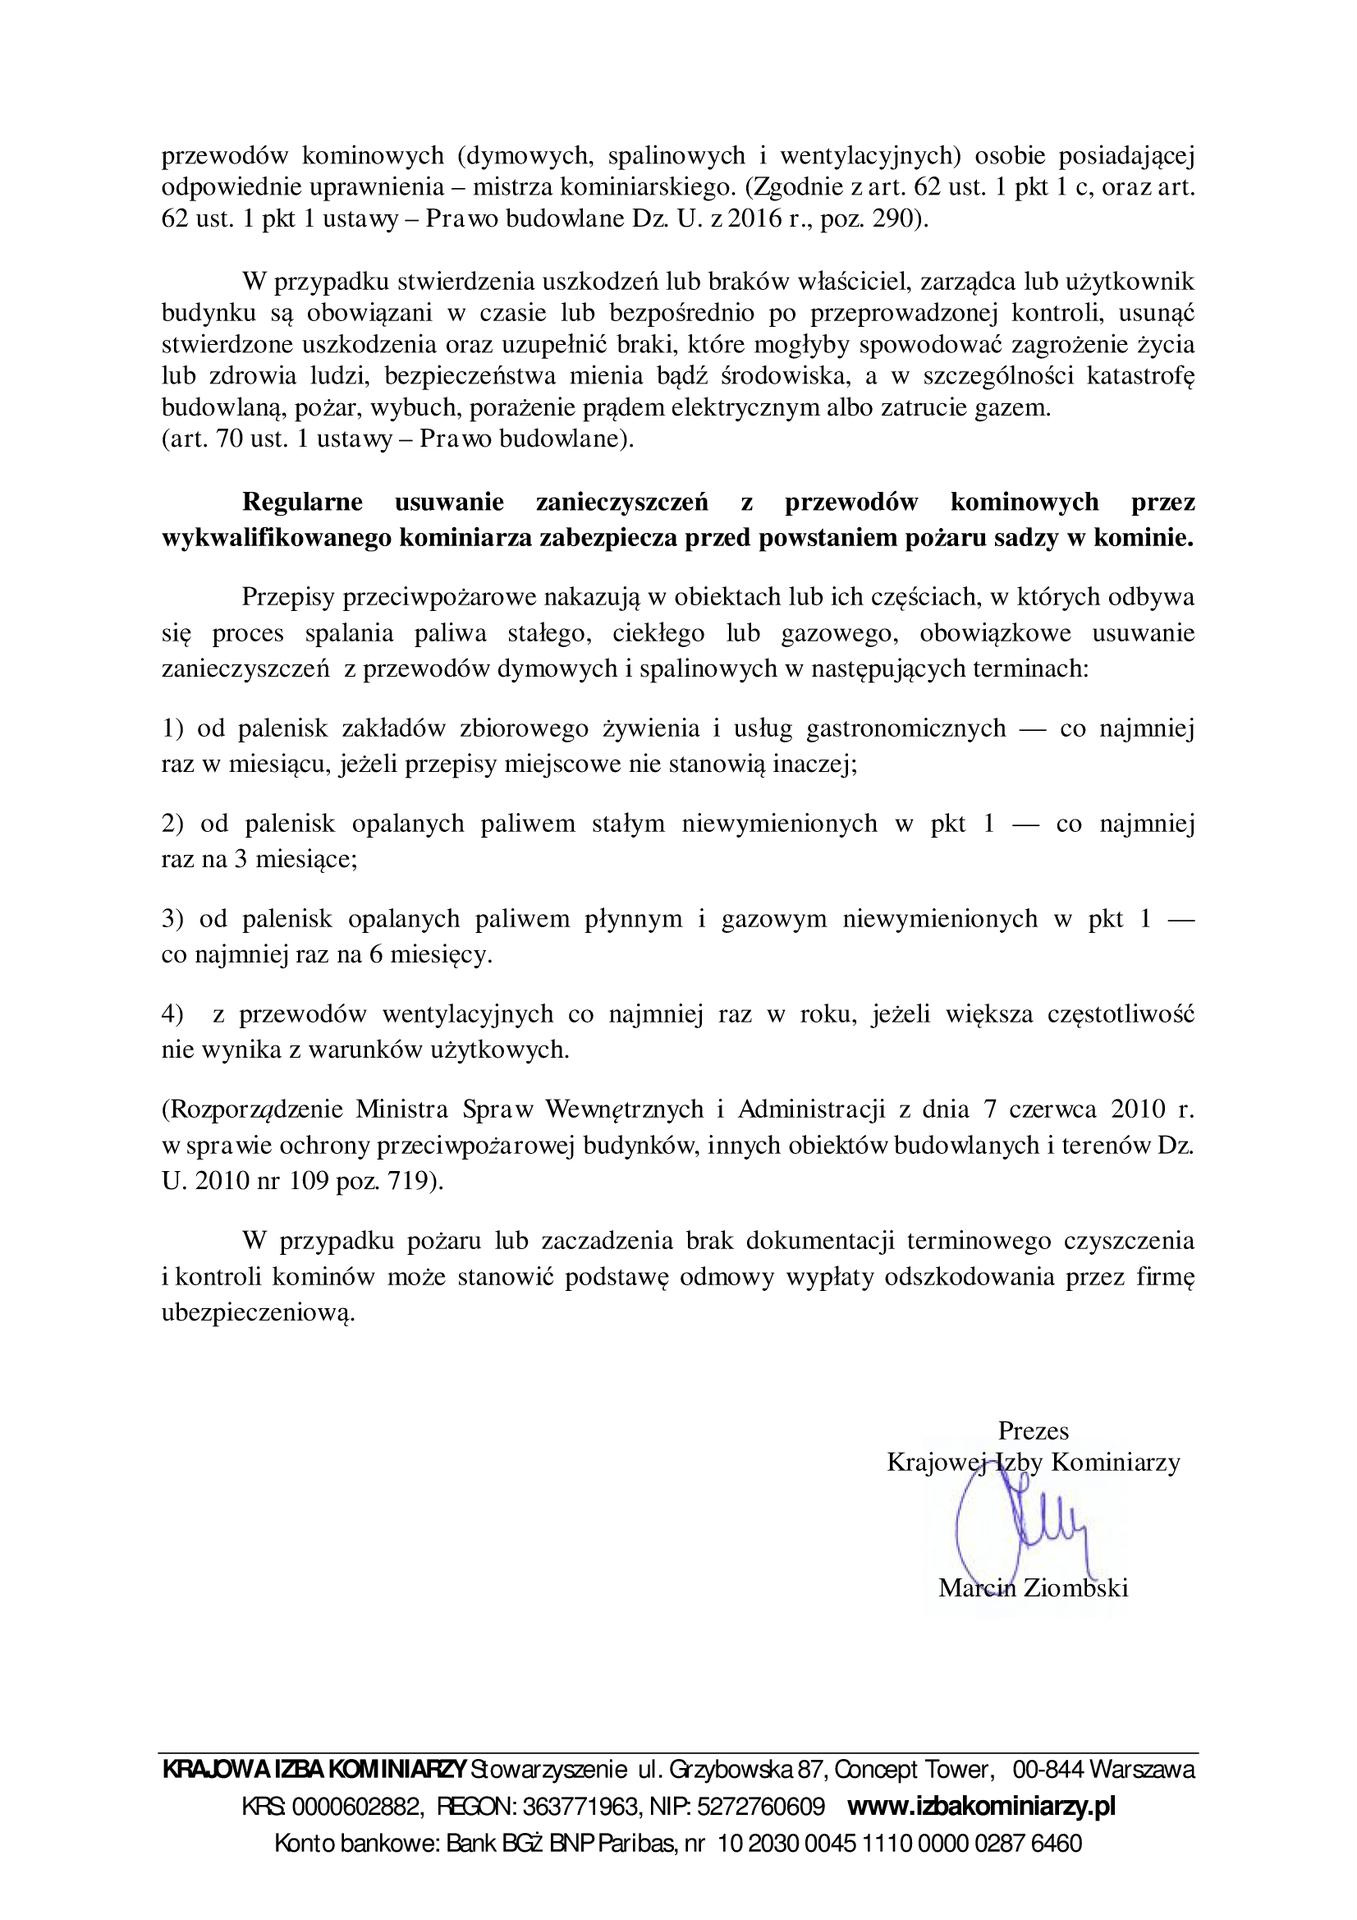 Komunikat_Prezesa_Krajowej_Izby_Kominiarzy_2017-2.jpeg